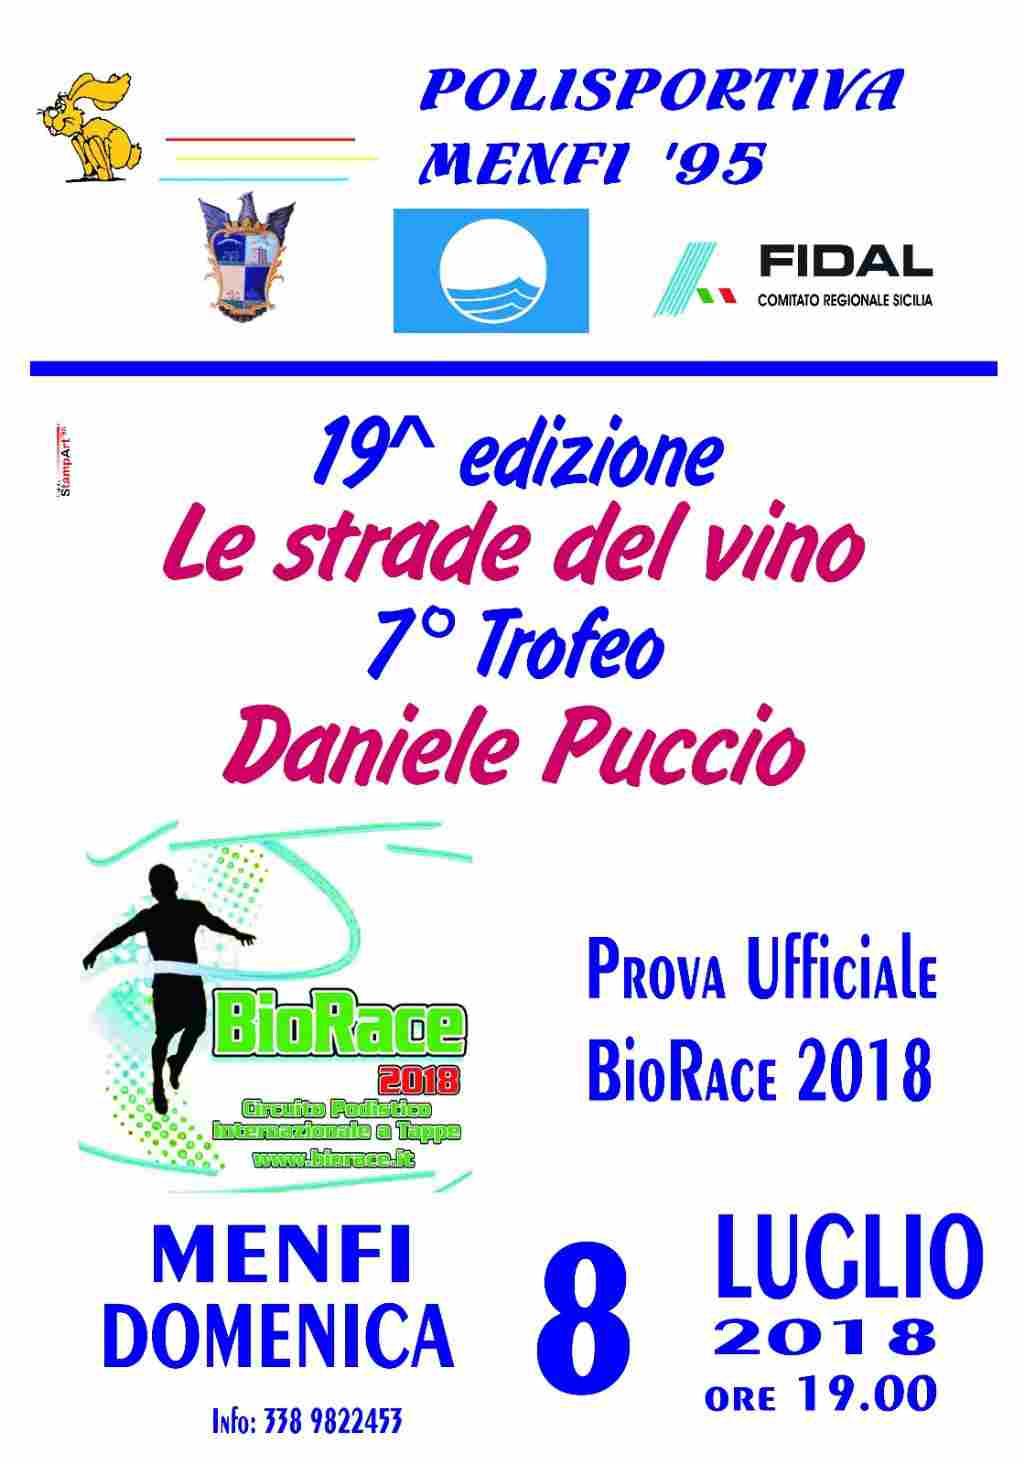 Podismo: Il BioRace per la prima volta a Menfi in occasione della 19°Le Strade del Vino